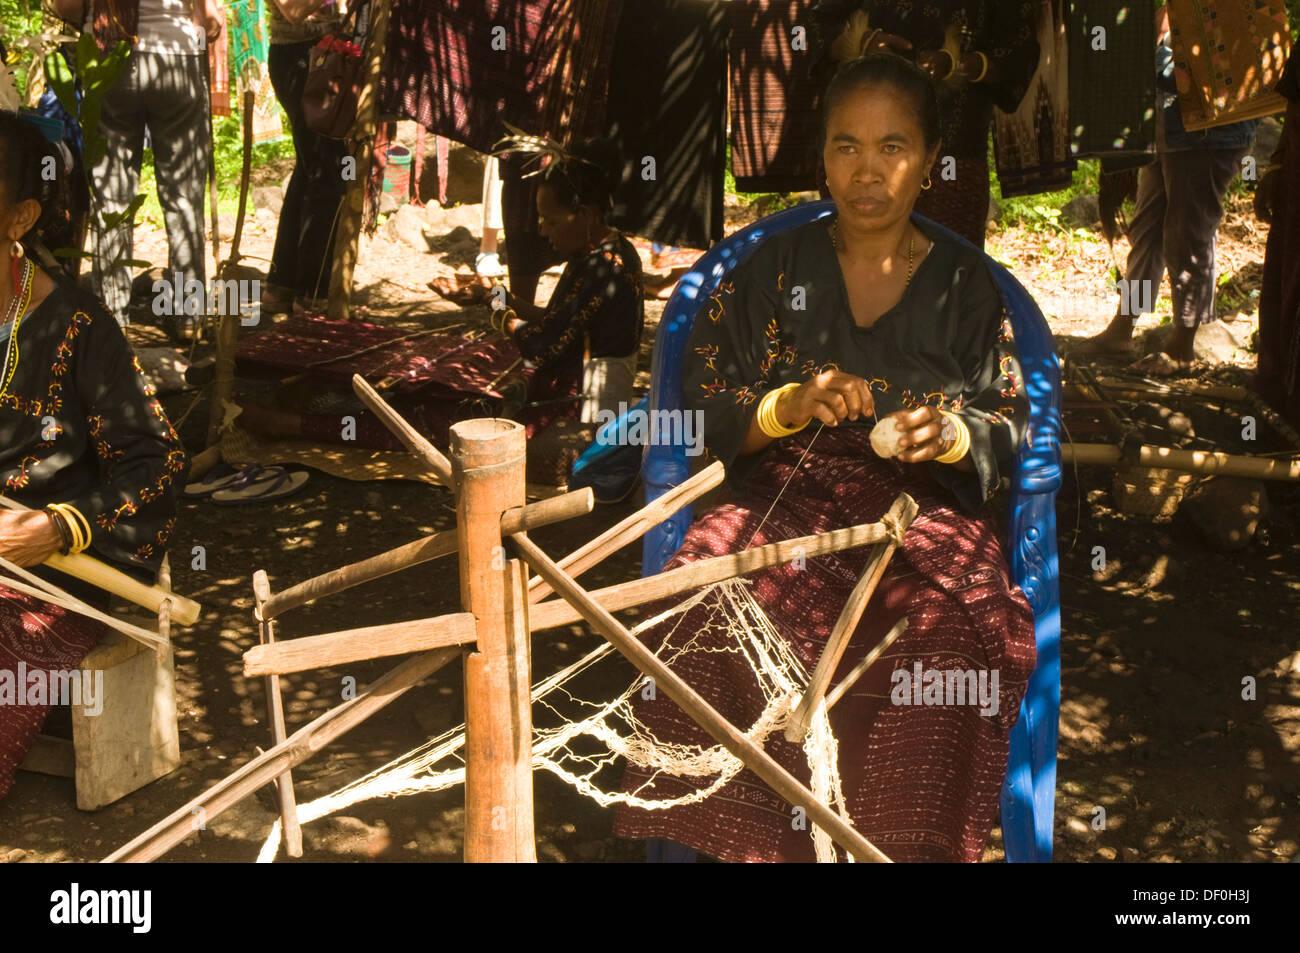 INDONESIA, Flores, Larantuka, Kawaliwu Village, woman in traditional drsss weaving ikat material - Stock Image